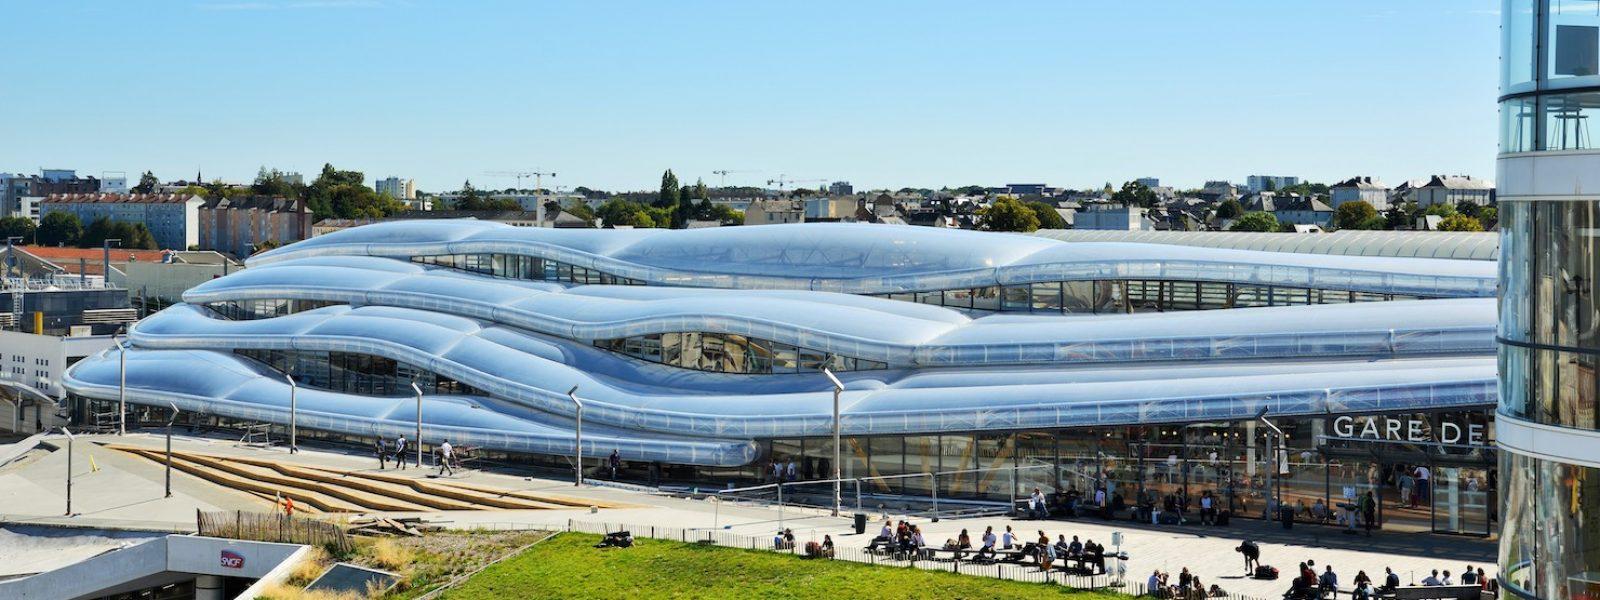 La Gare de Rennes